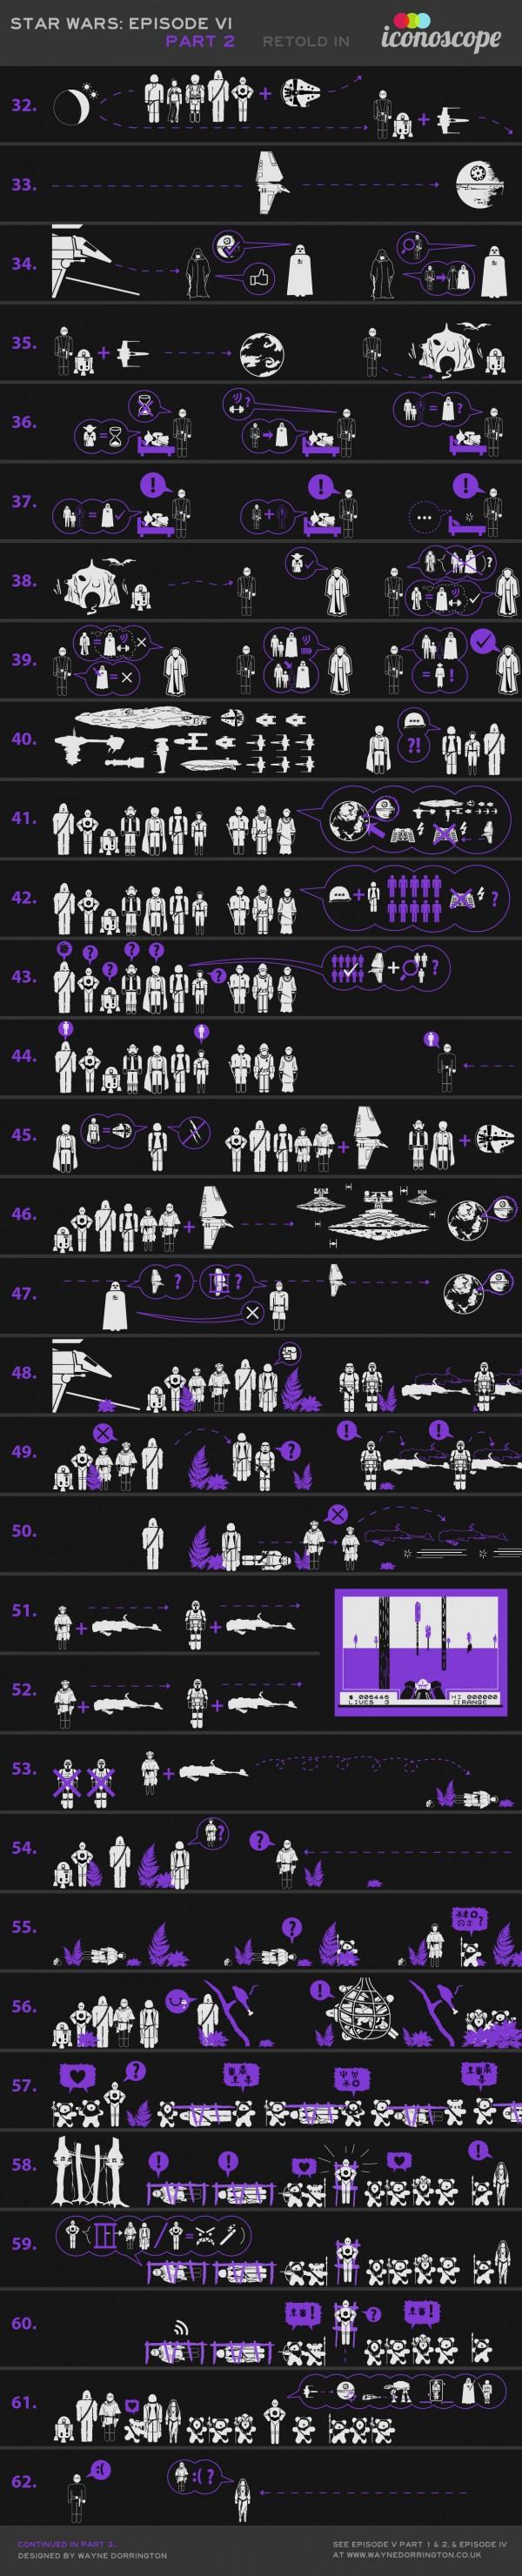 star wars vi part 2